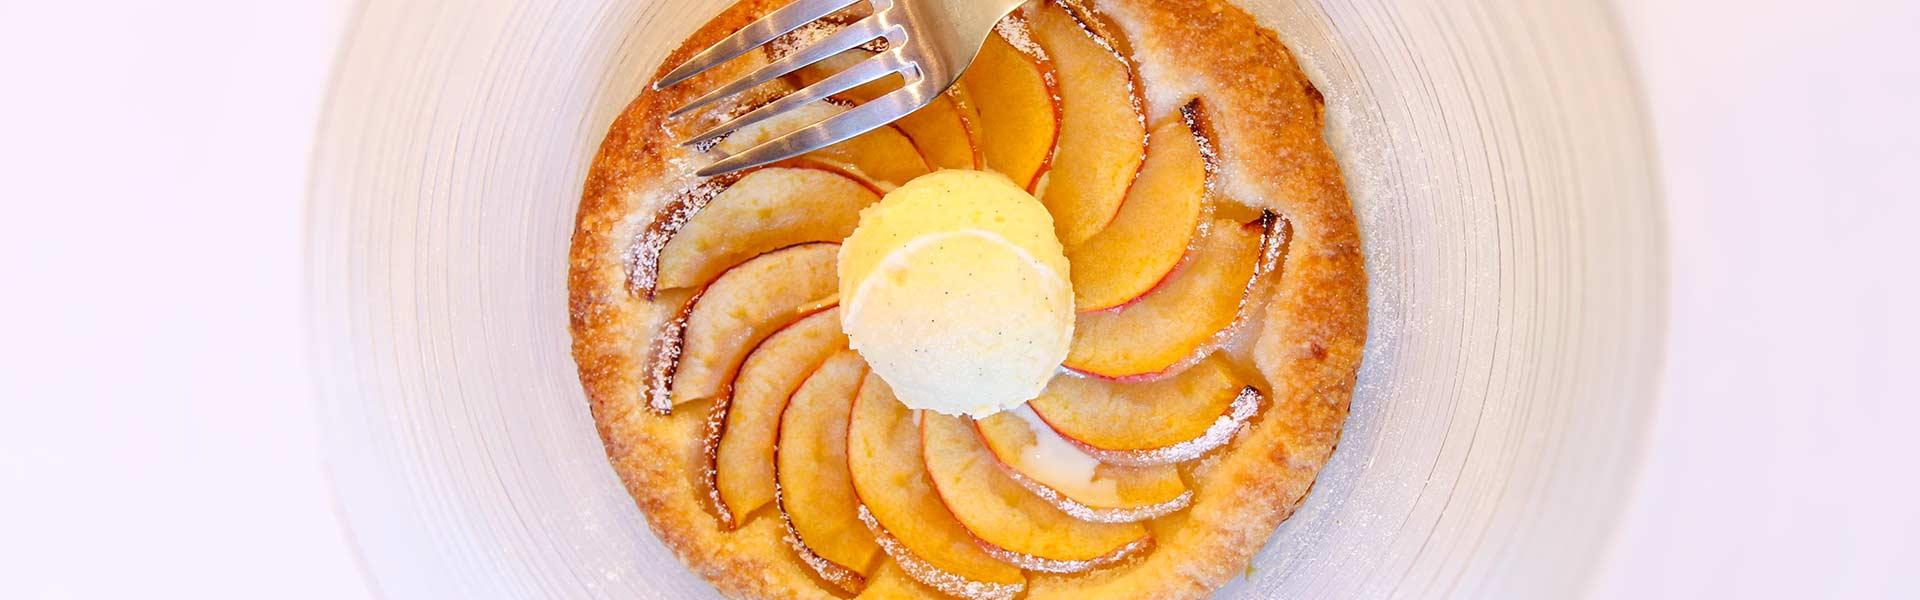 Tartelette aux pommes, glace vanille